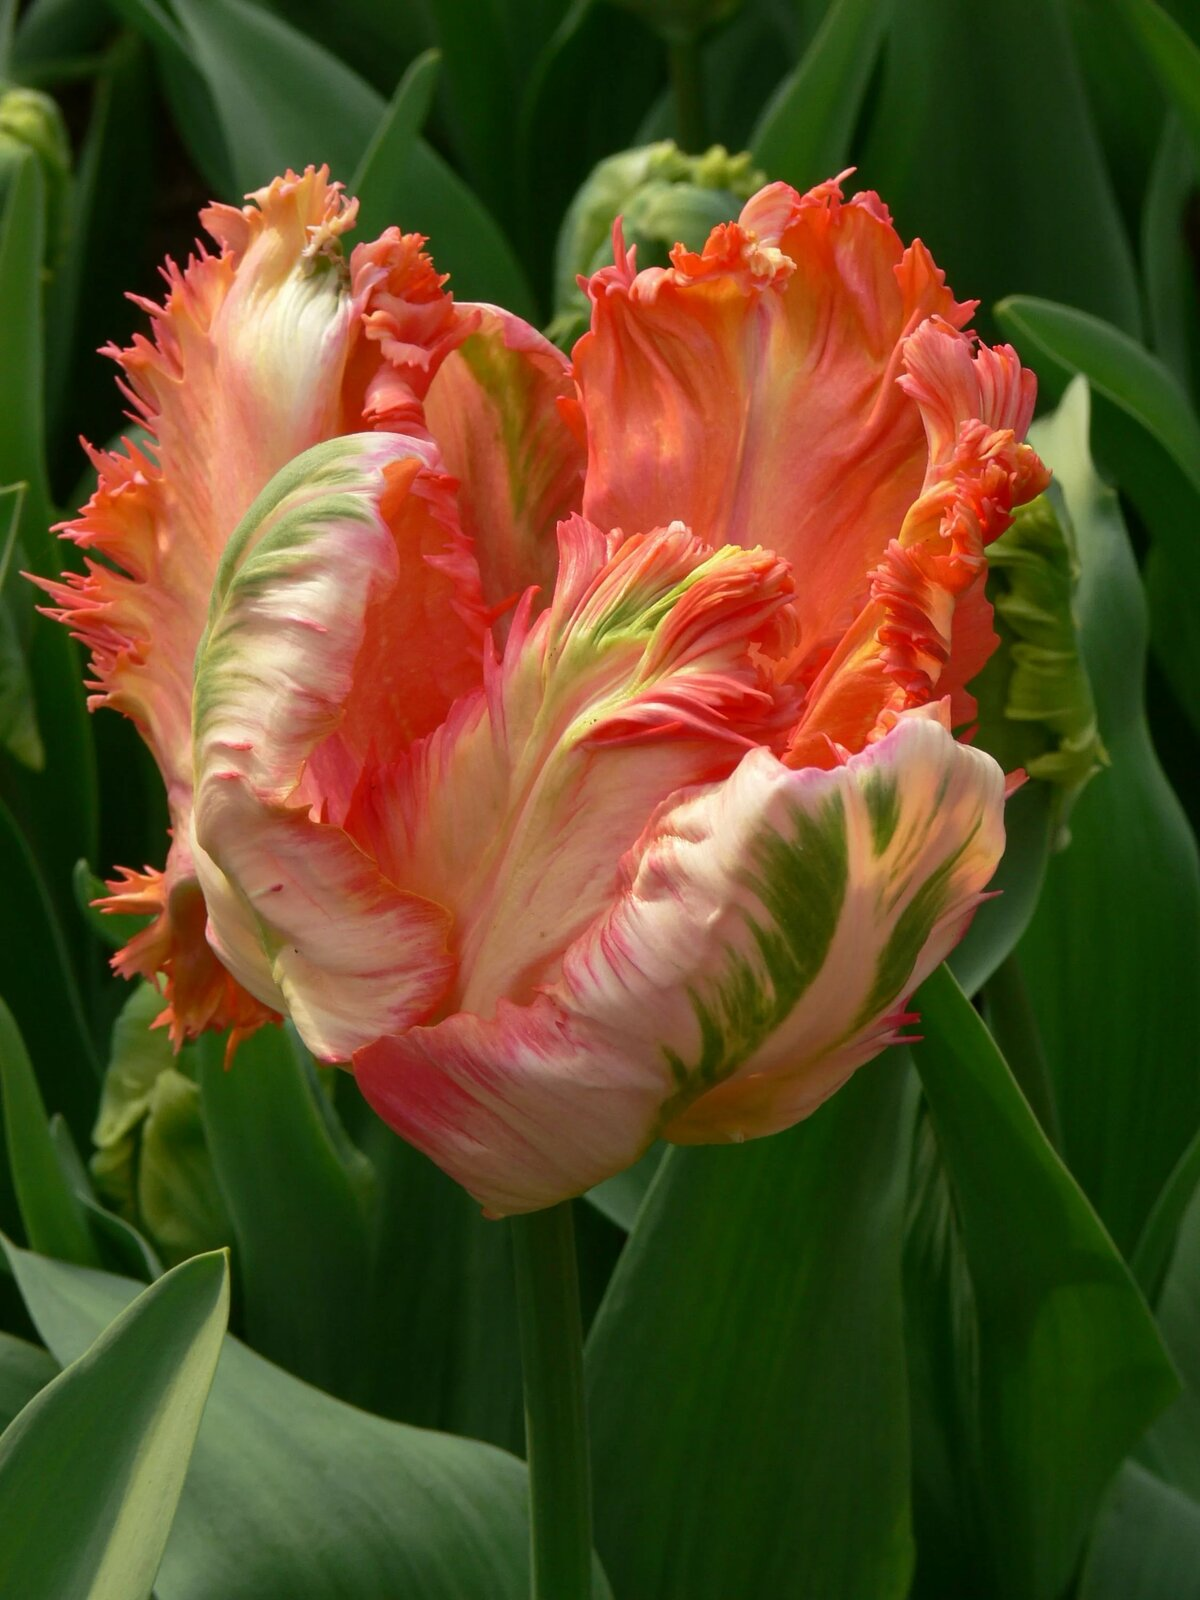 объявлений свежие тюльпан попугайный фото расположения